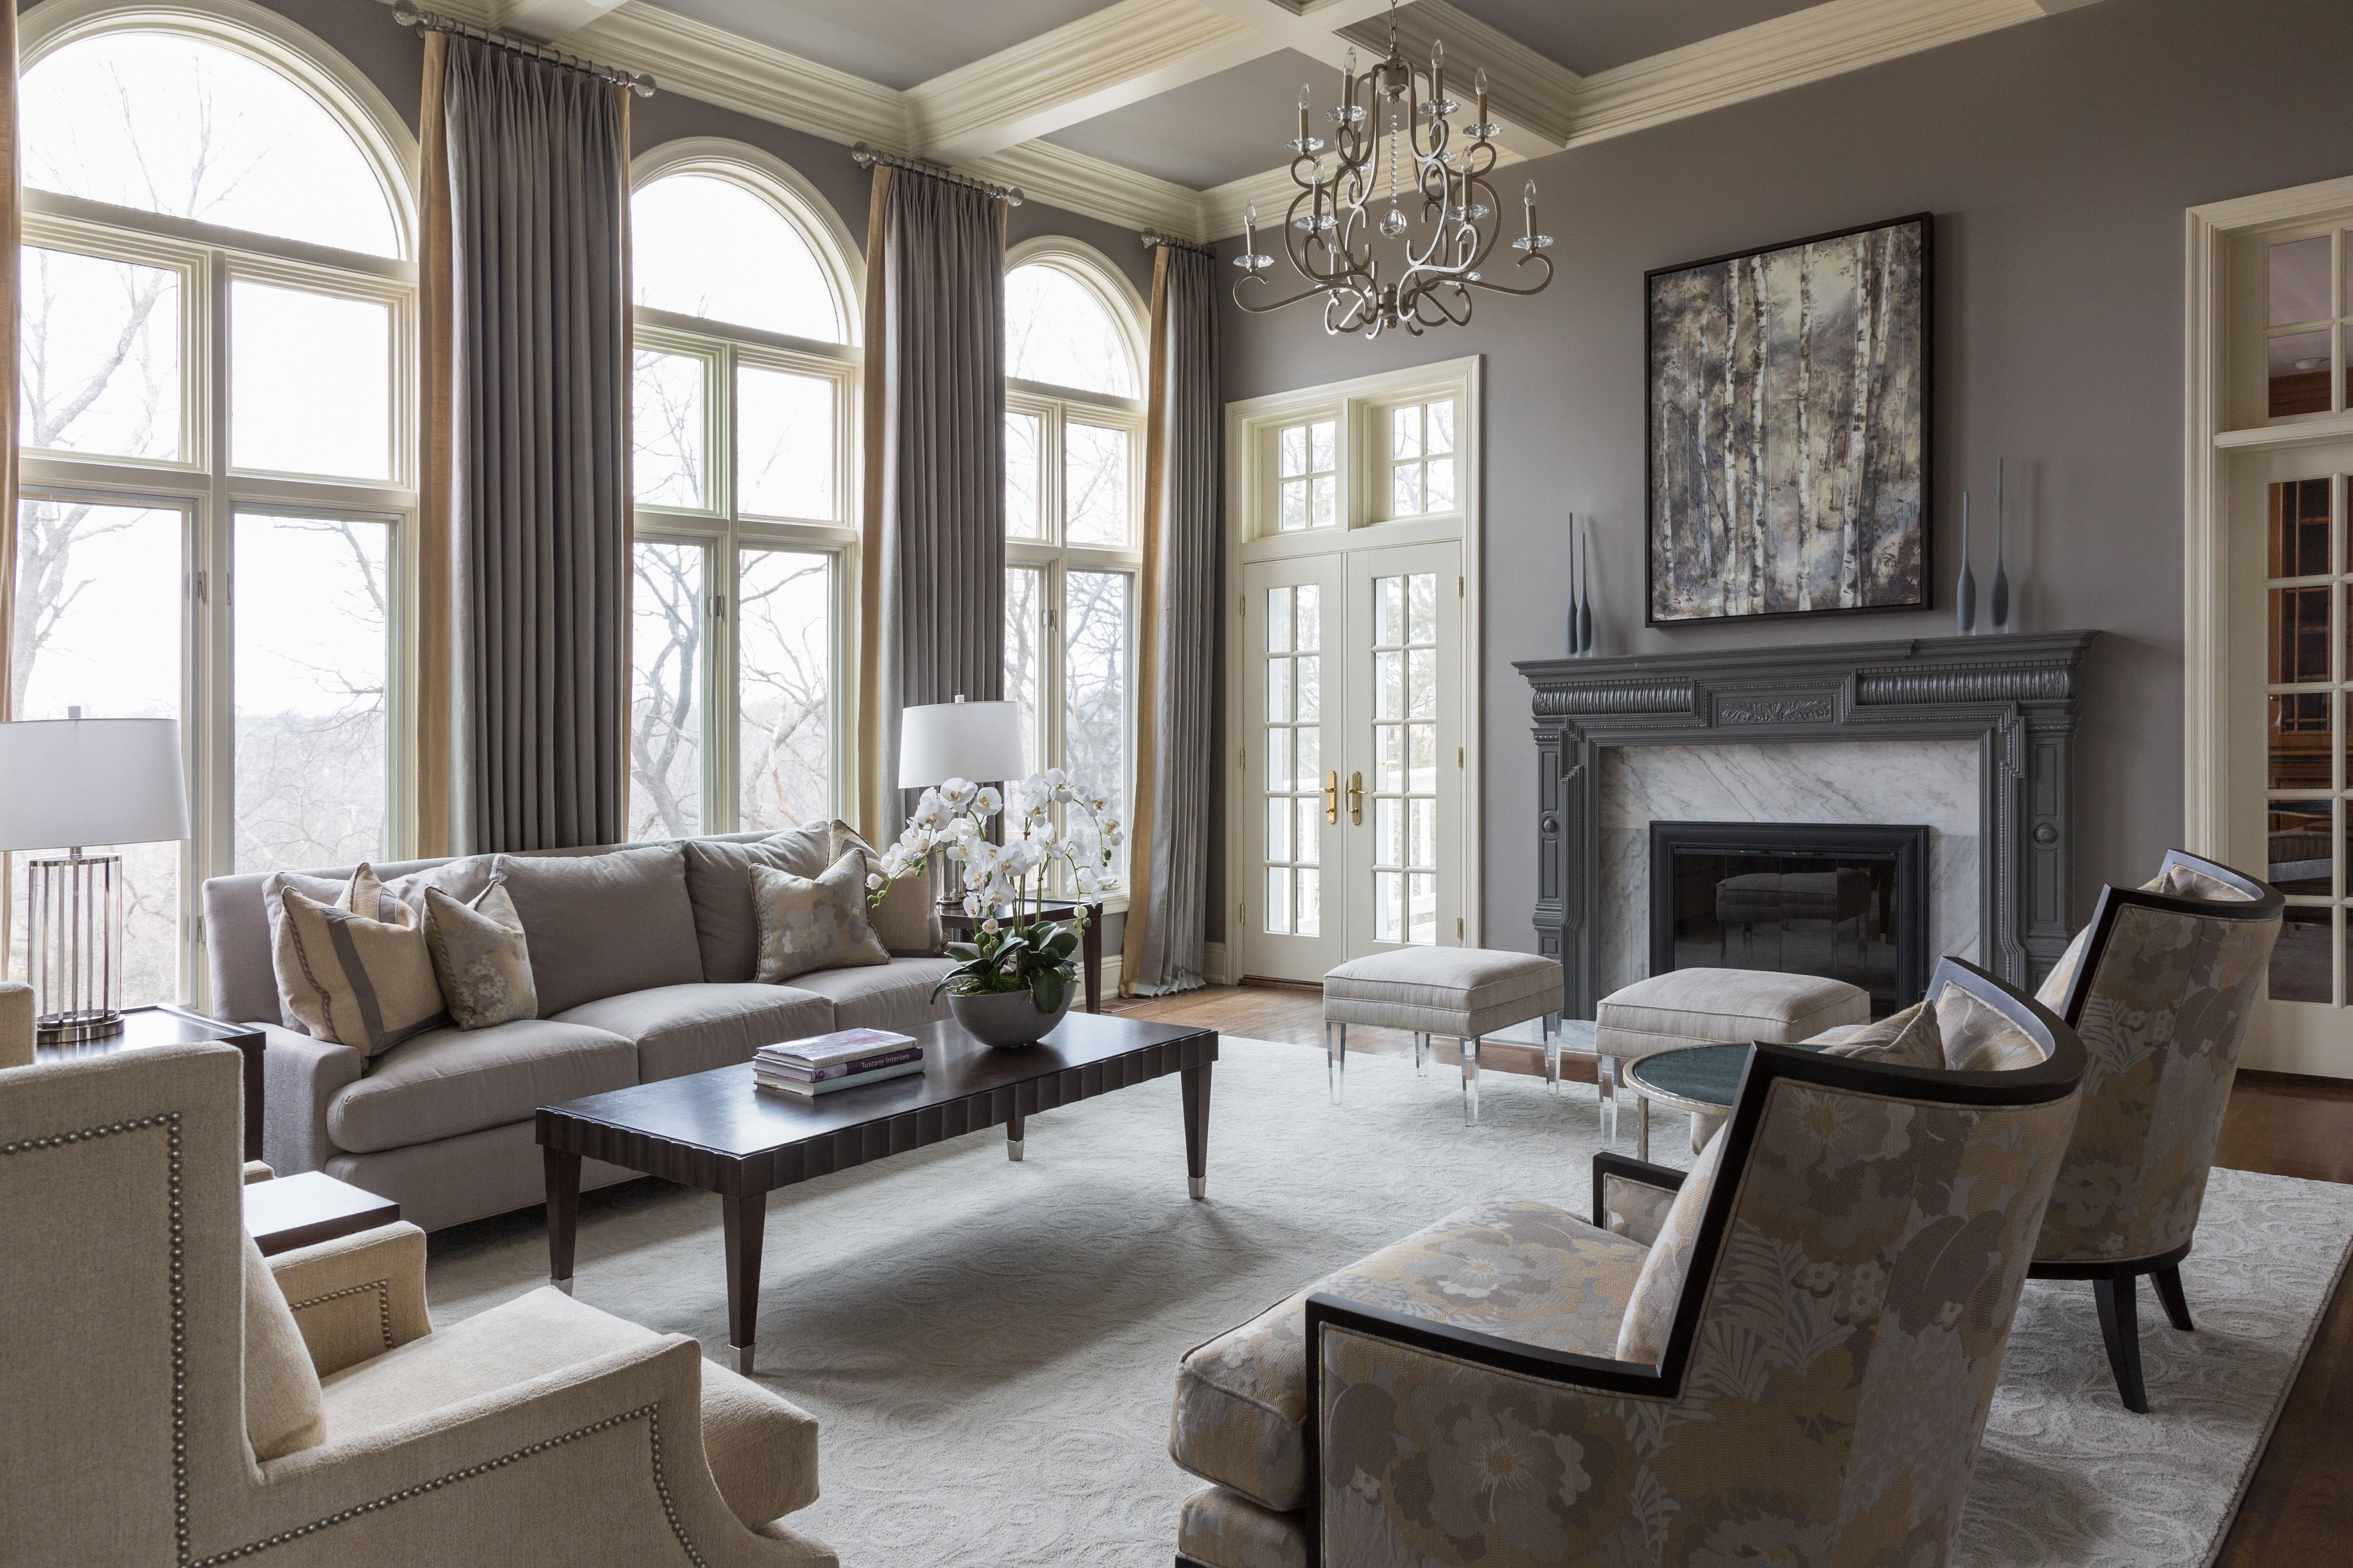 Fullsize Of Formal Living Room